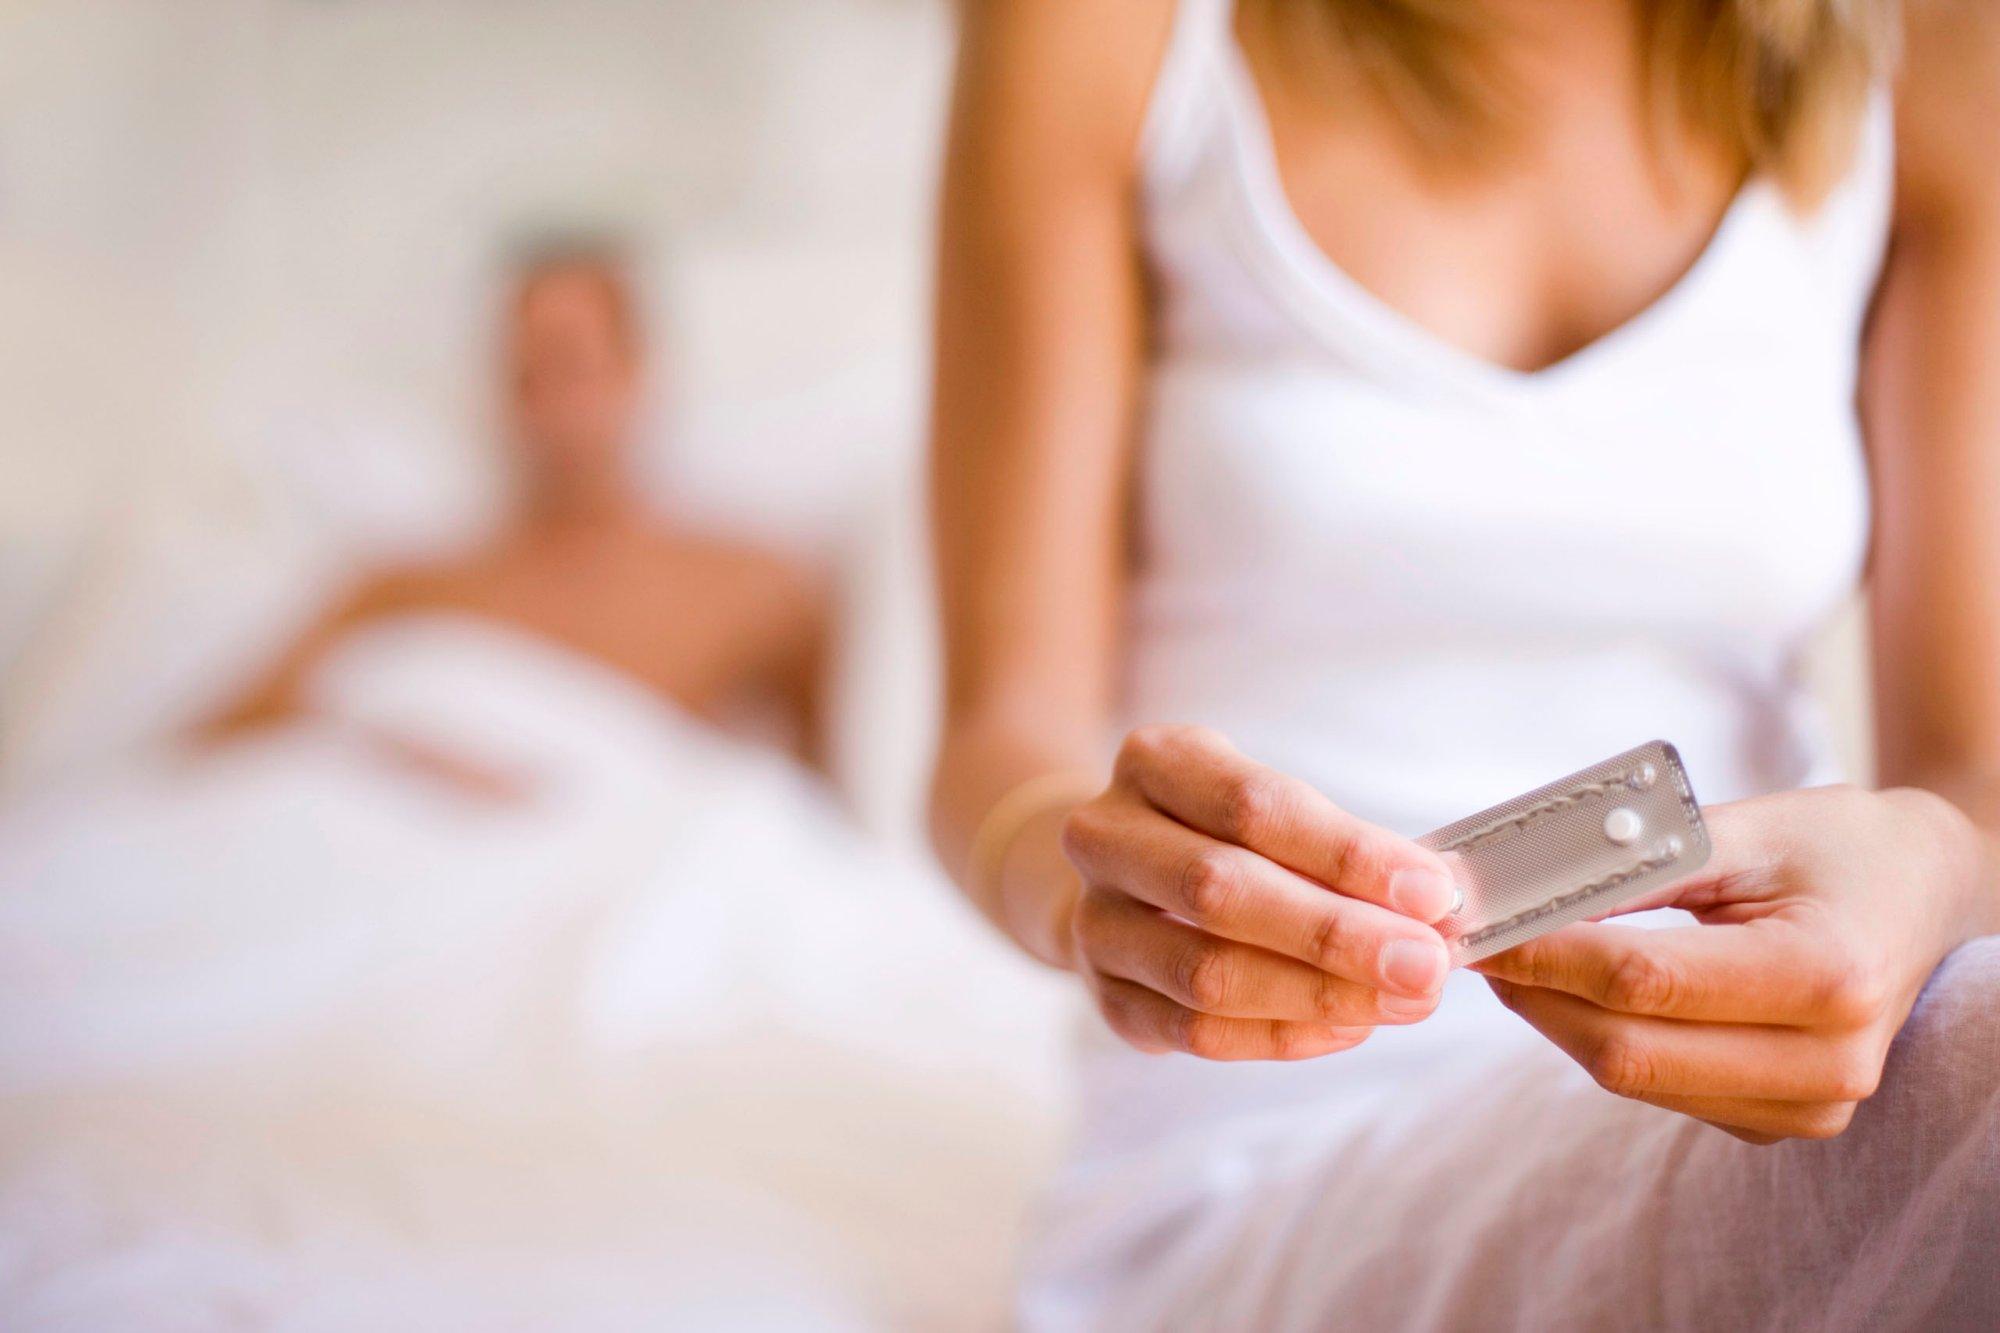 ingrossamento della prostata influenza il desiderio sessuale